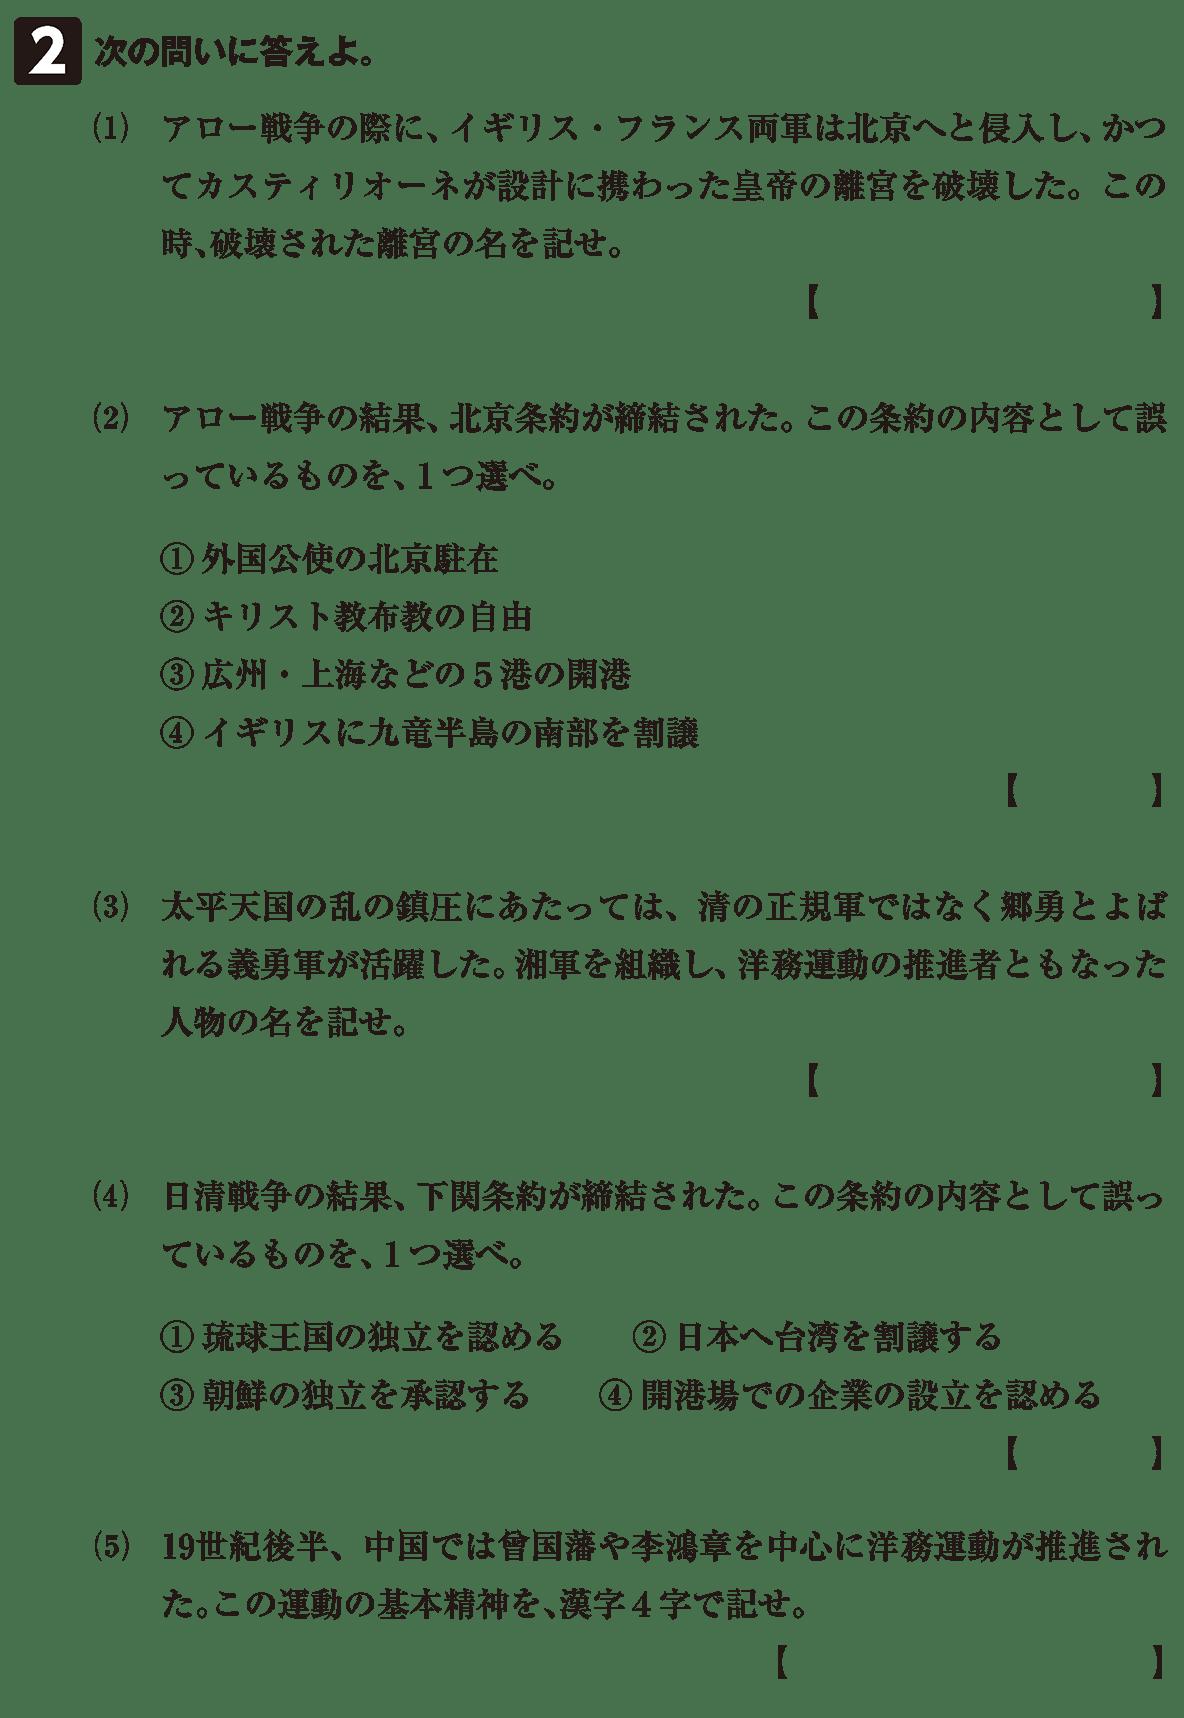 中国と朝鮮の植民地化6 確認テスト(後半)問2